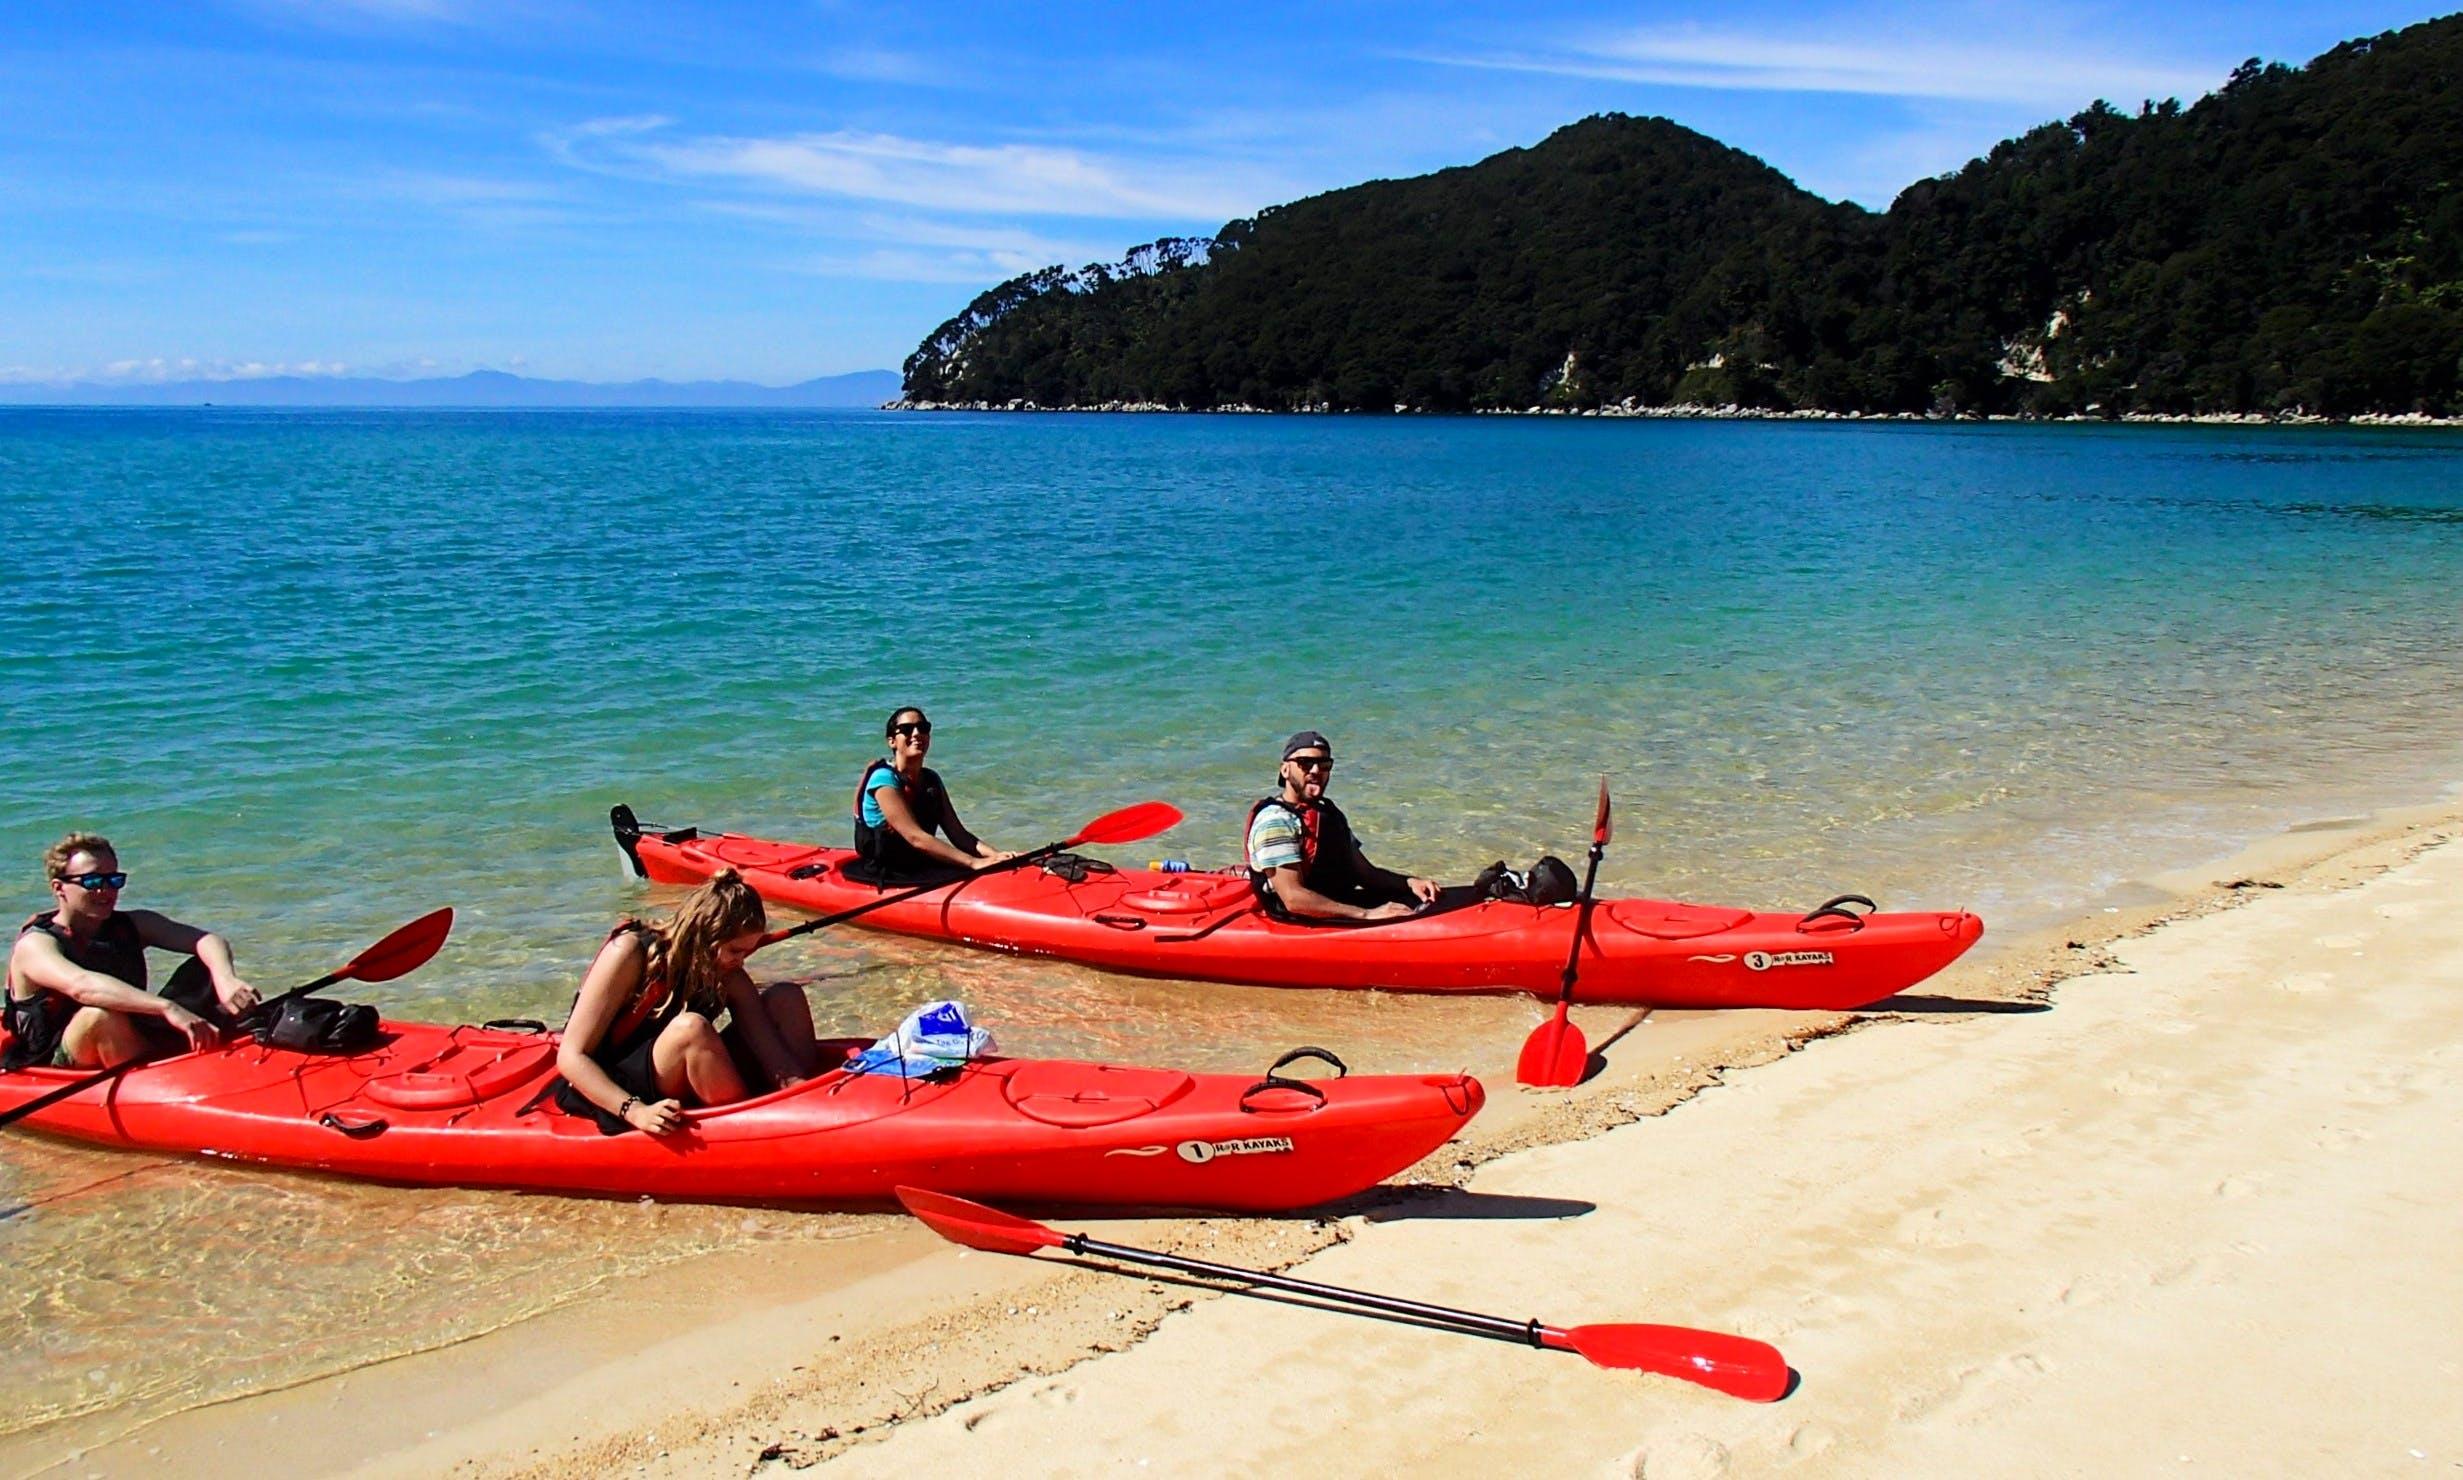 Guided Kayak Tour of Paradis Islands in Abel Tasman